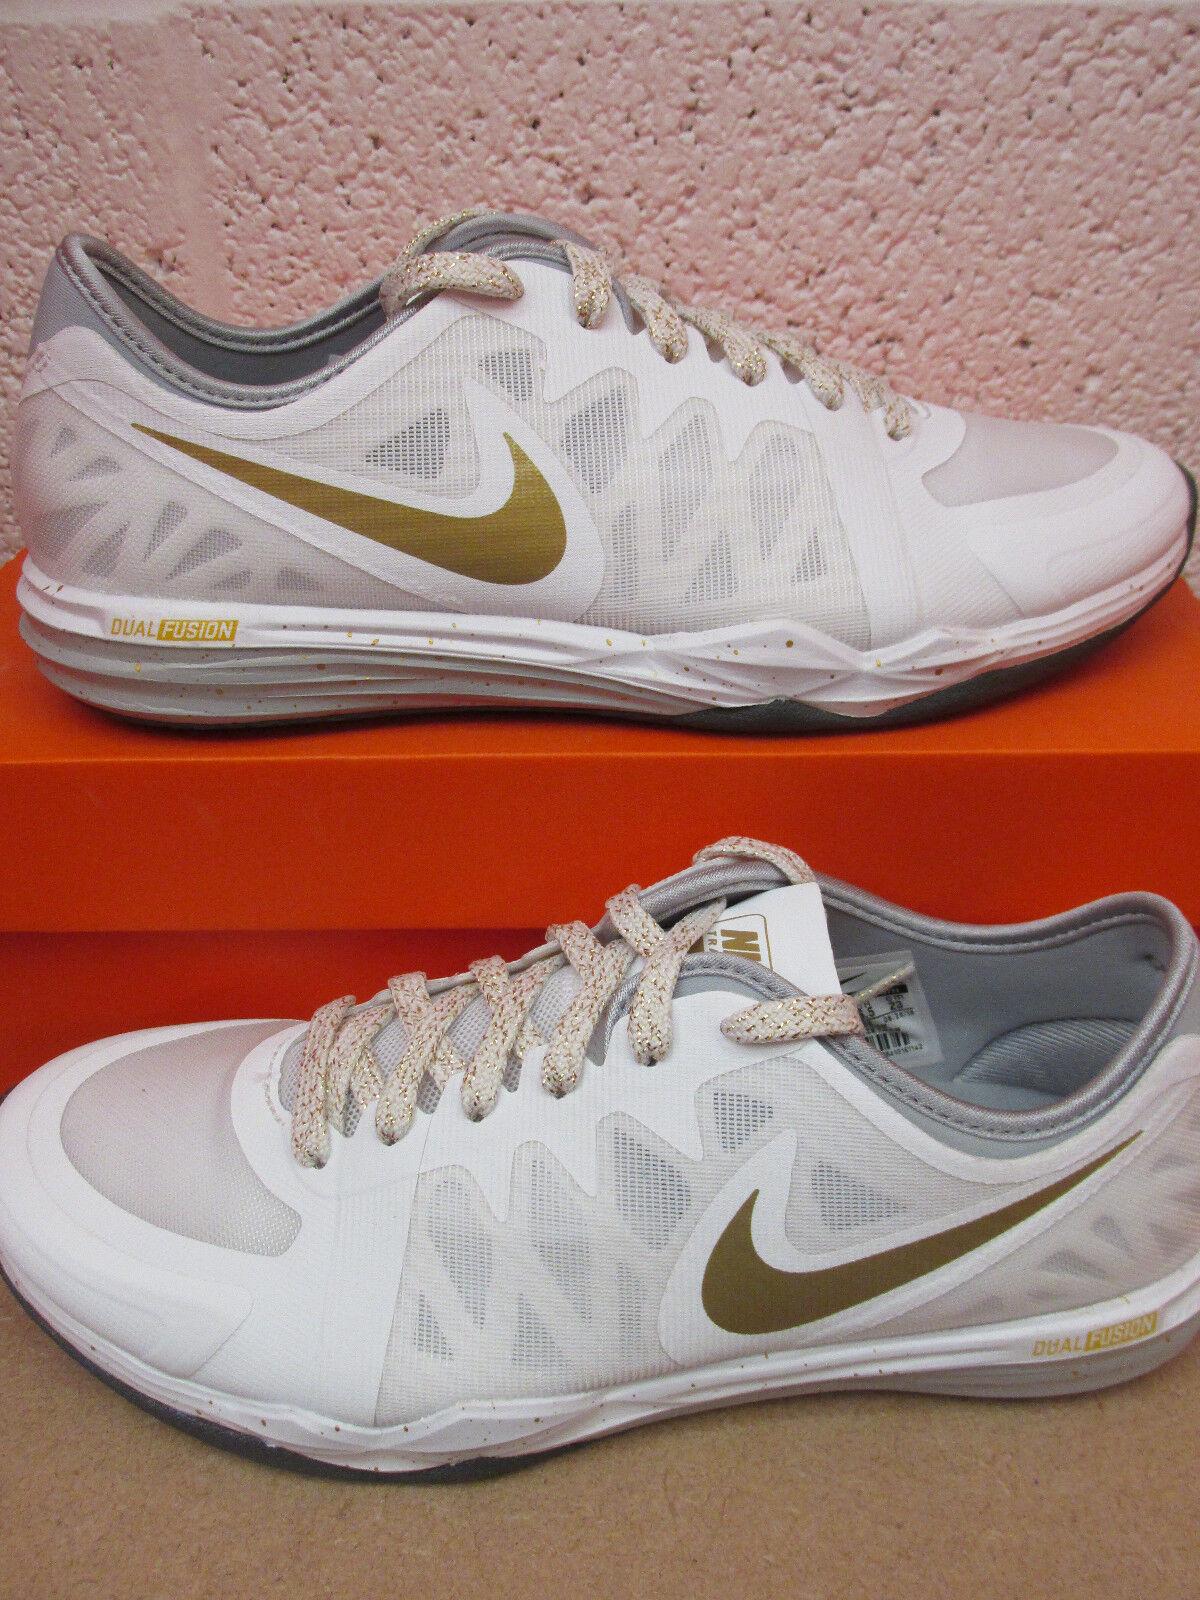 Nike Damen Dual Fusion 704941 Tr 3 Aufdruck Laufschuhe 704941 Fusion 103 Turnschuhe 4c5d19